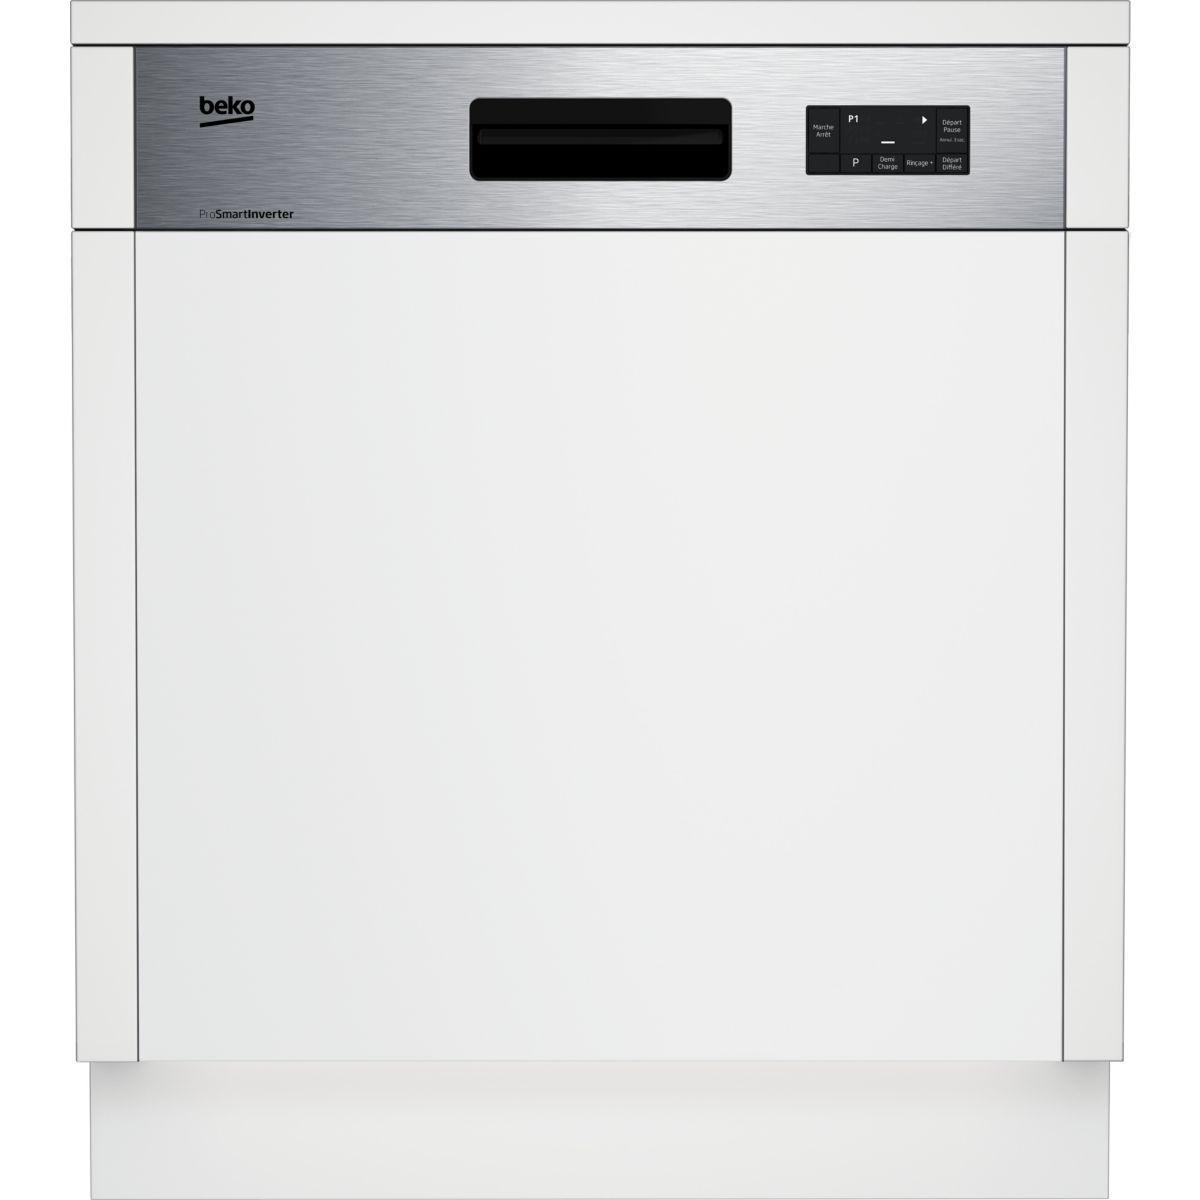 Lave vaisselle encastrable beko pdsn15310x - 20% de remise imm�diate avec le code : gam20